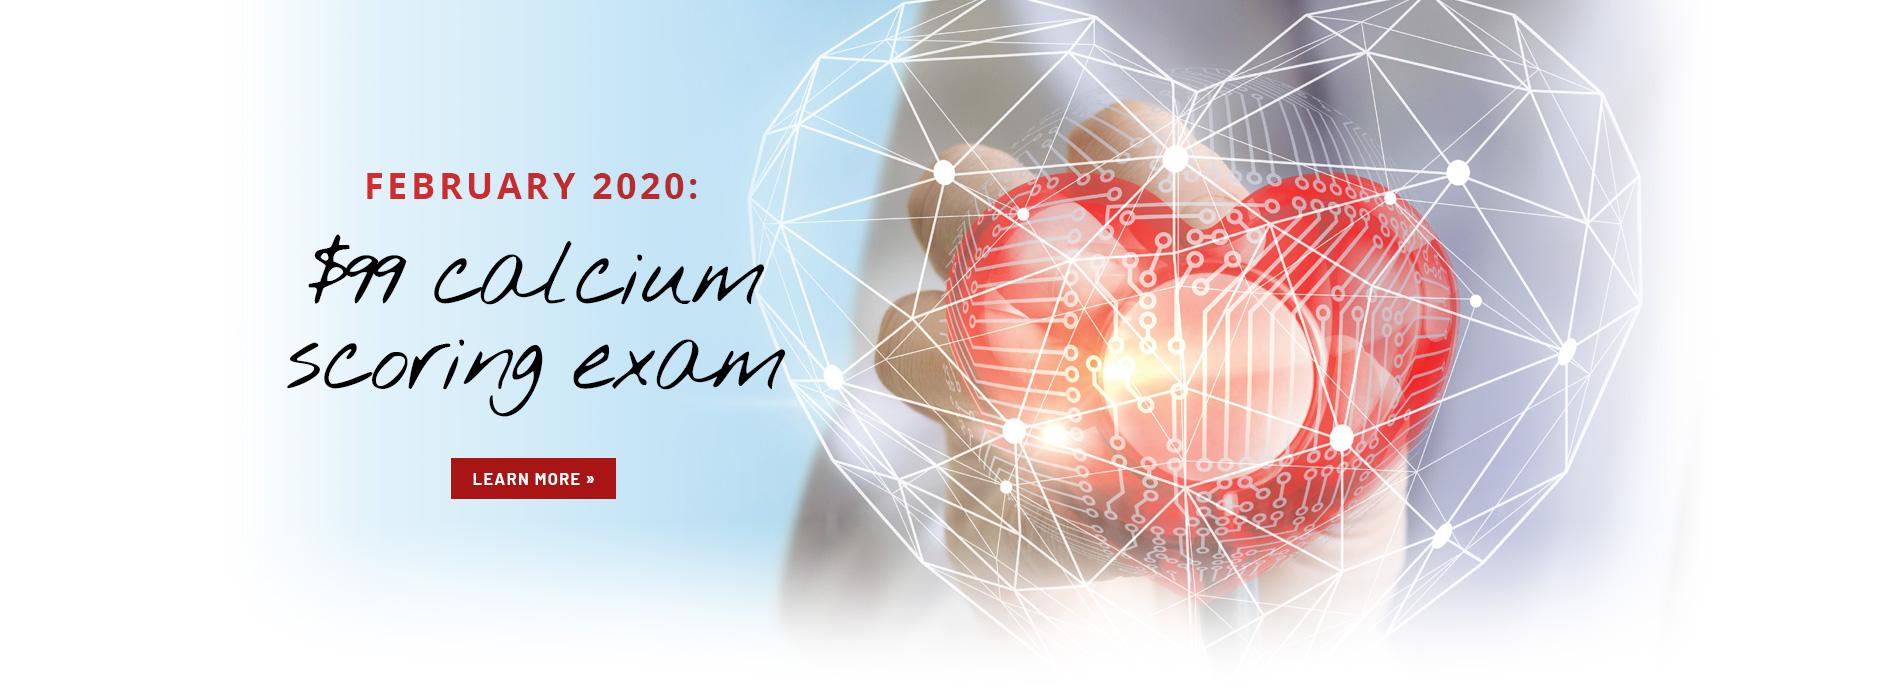 Cardiac Calcium Scoring Exam Feb 2020